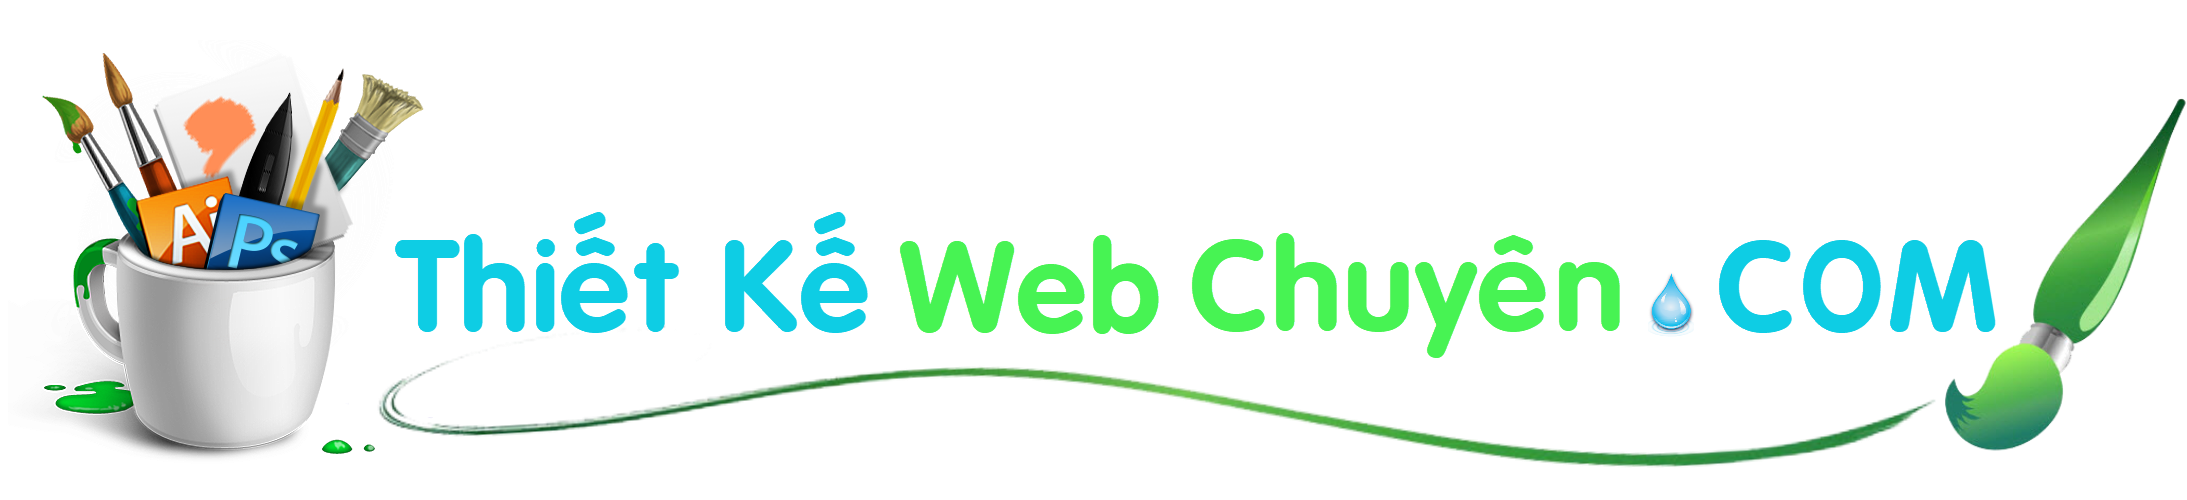 Thiết kế website trọn gói giá rẻ bán hàng chuẩn SEO chuyên nghiệp cho dịch vụ công ty